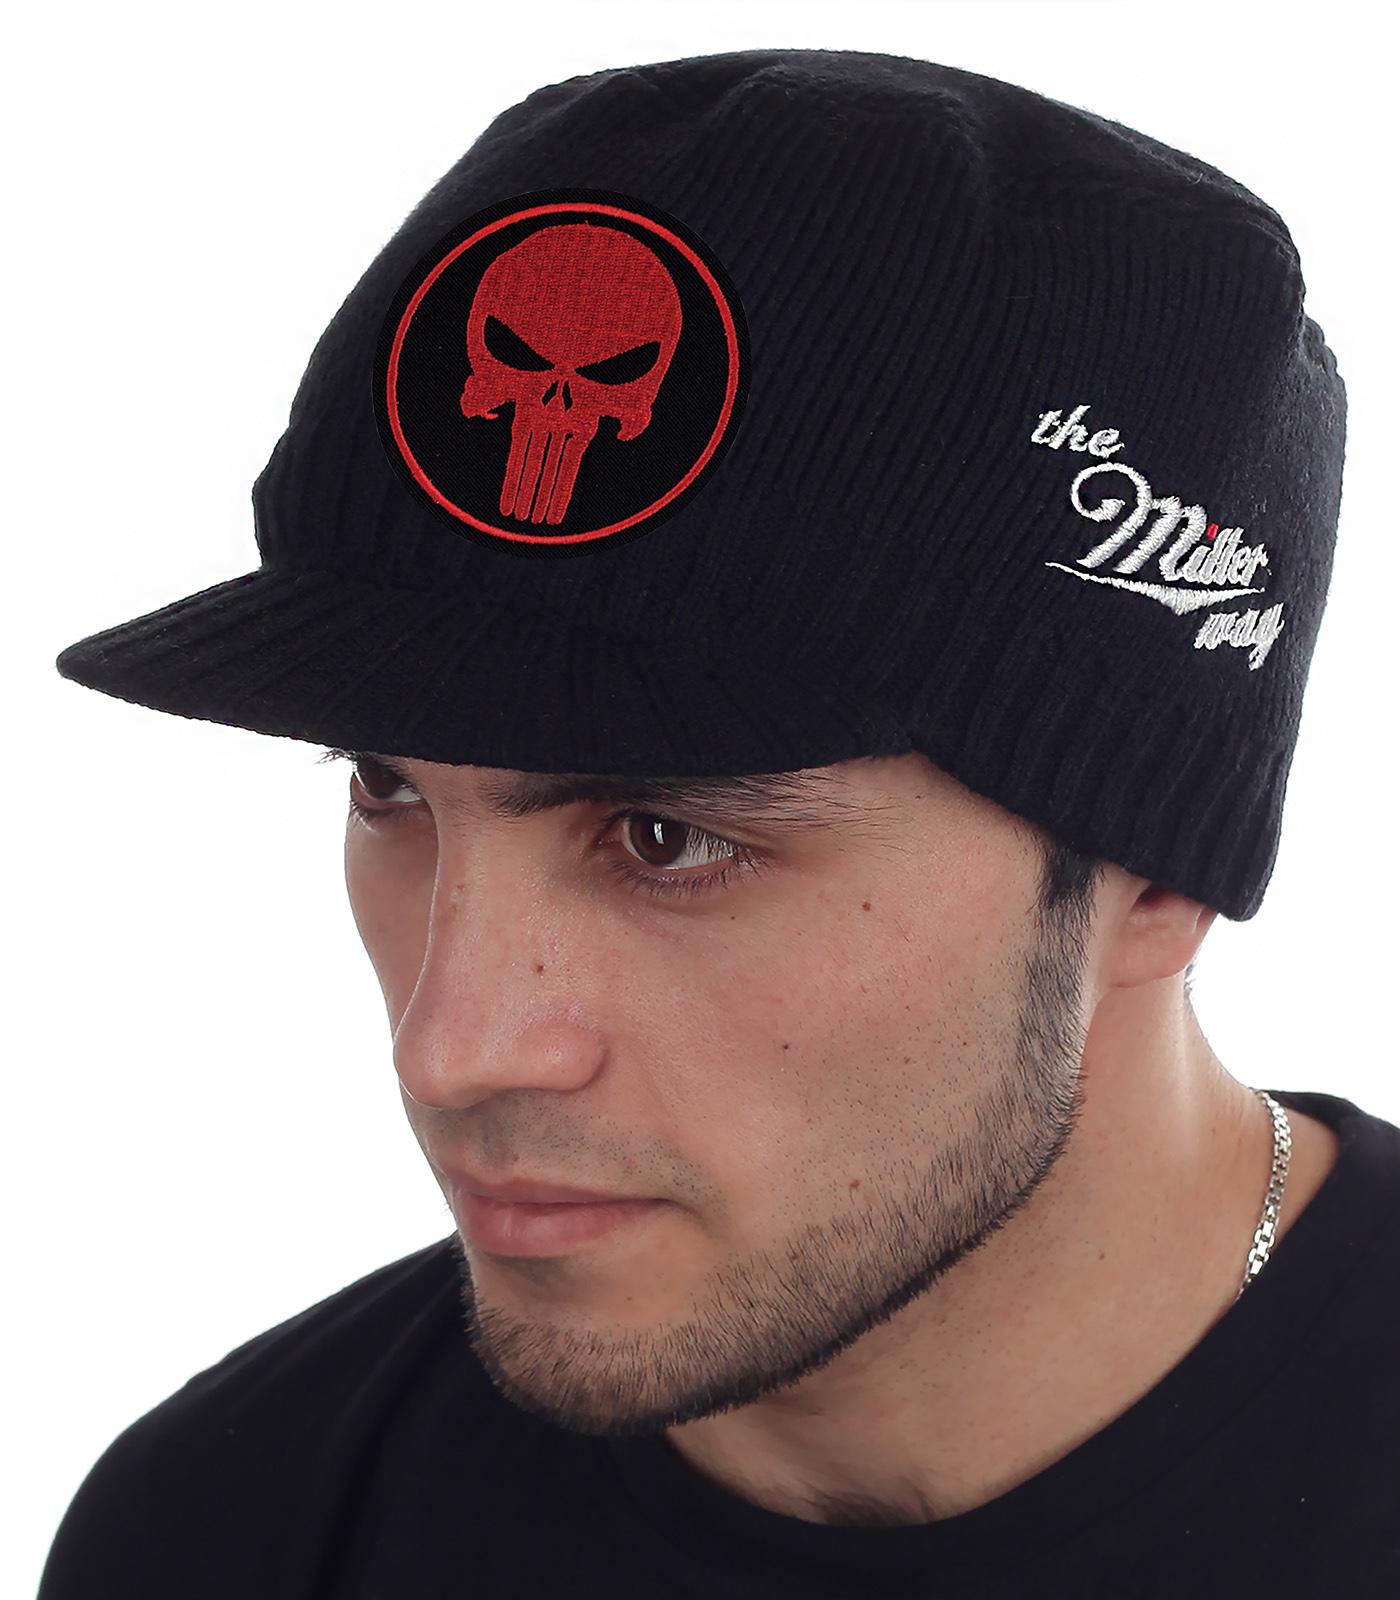 Мужская шапка-кепка Miller Way с эмблемой Карателя – The Punisher. Популярная символика не только среди фанатов Marvel, но представителей вооруженных сил разных стран. Эксклюзивно! ТОЛЬКО ЗДЕСЬ!